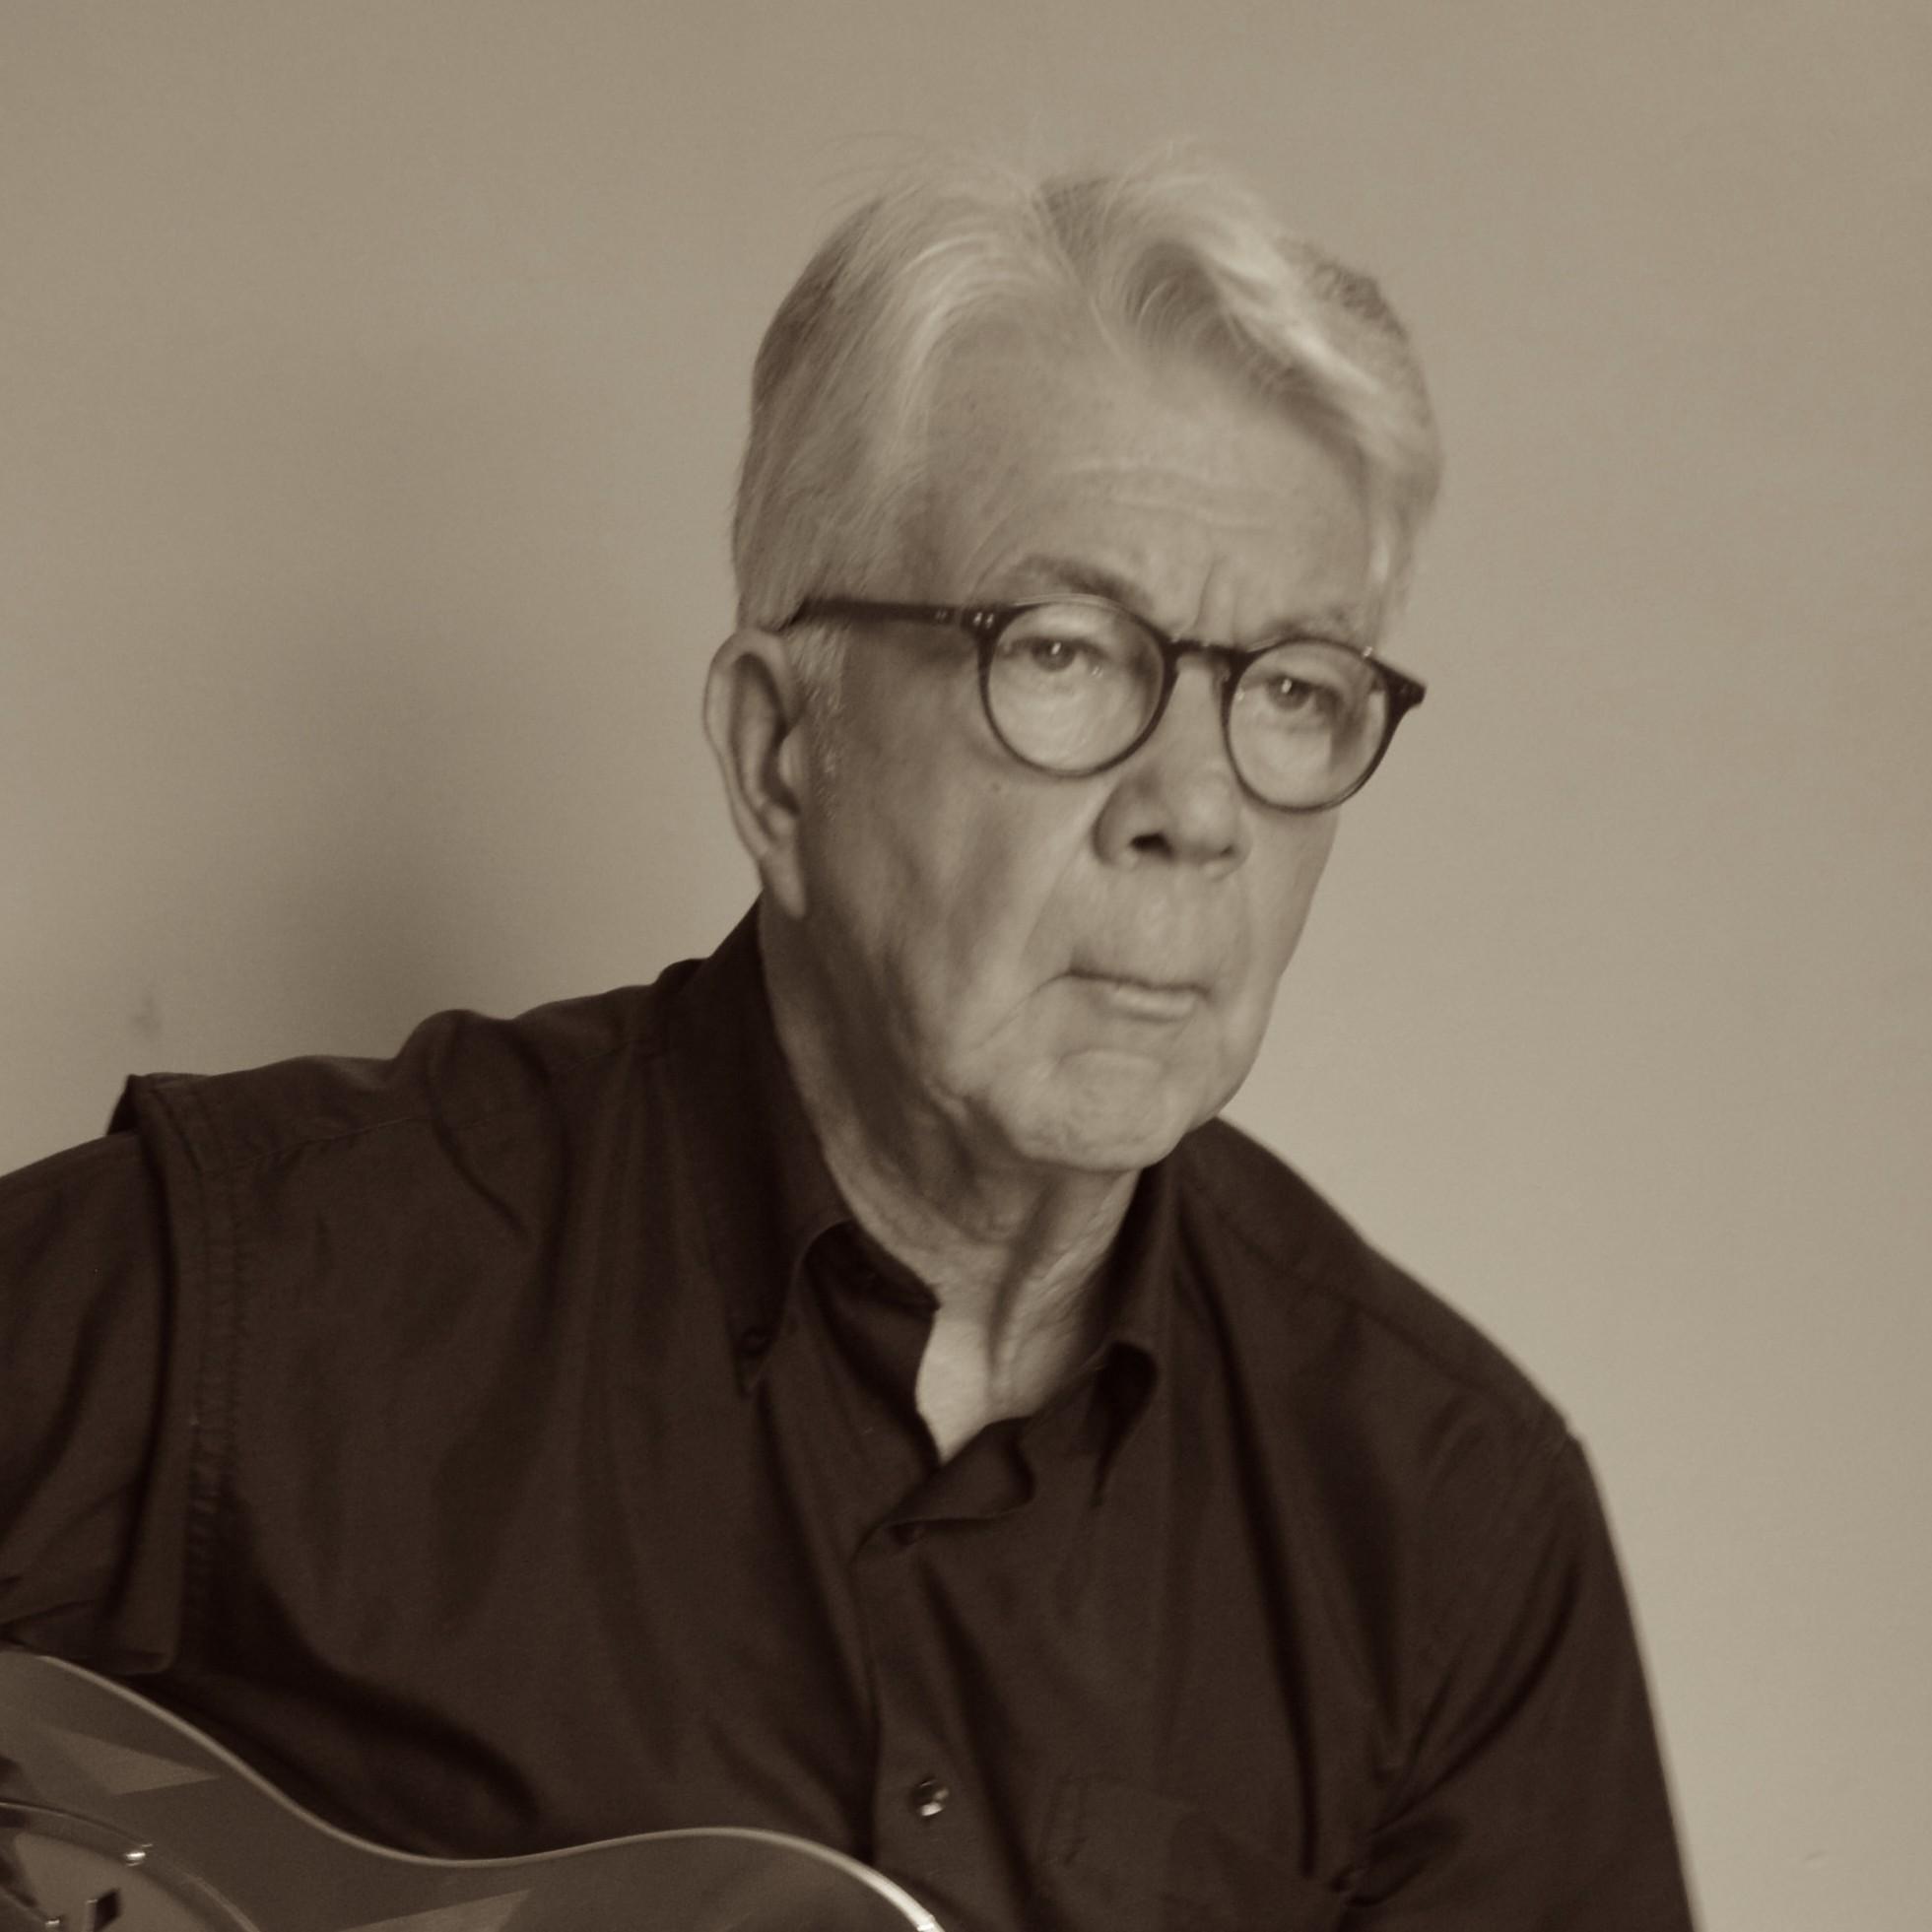 Gerry Cooper